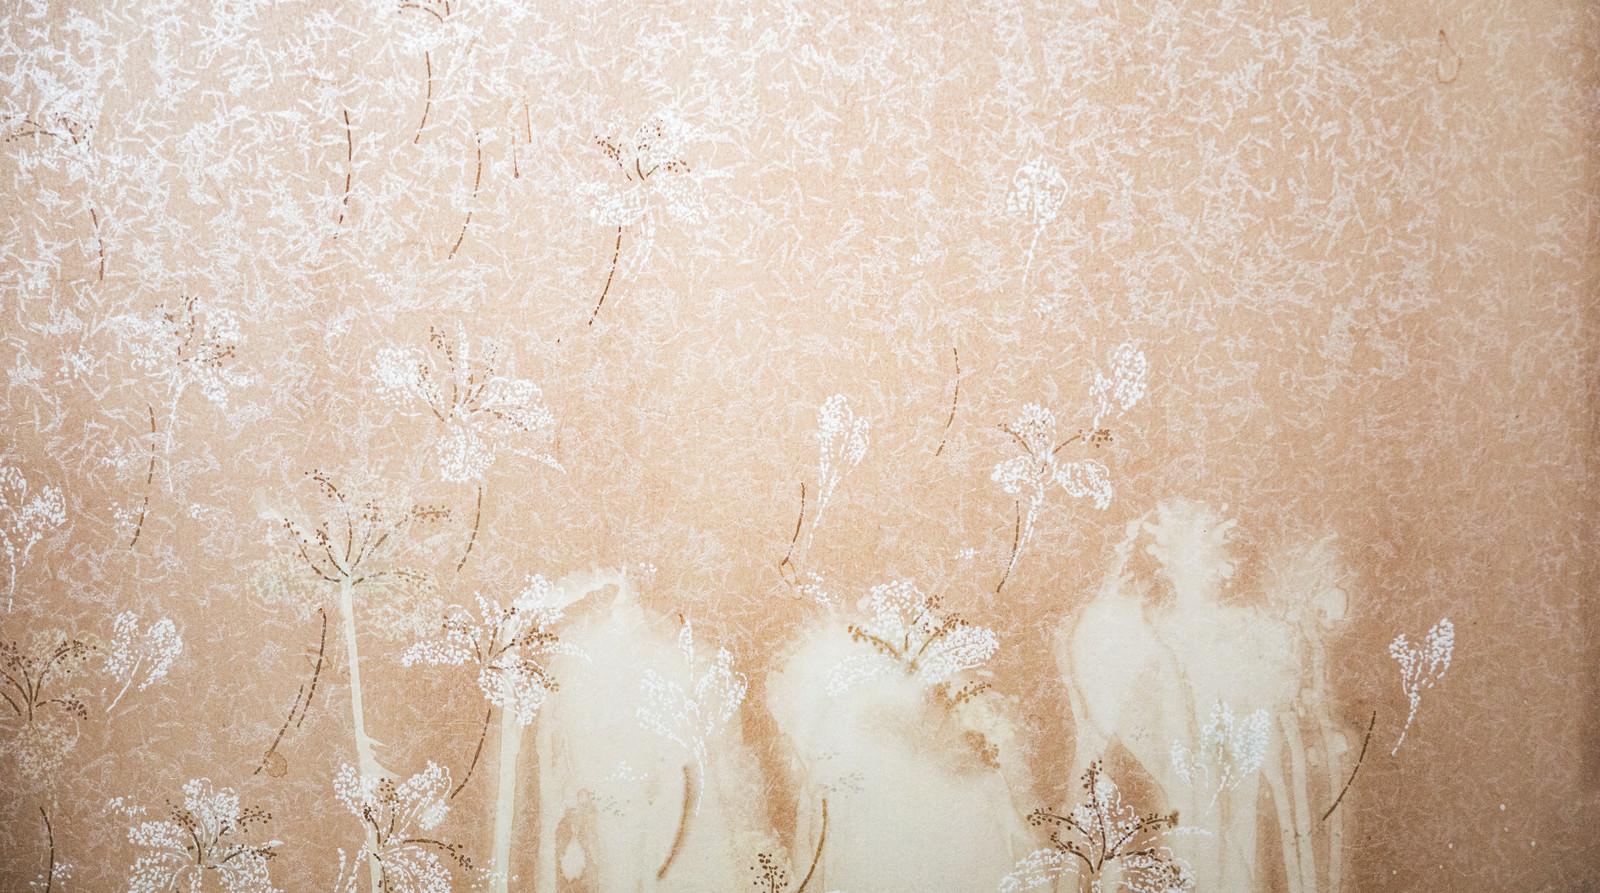 白く染みのついた壁紙 テクスチャ 無料の写真素材はフリー素材の